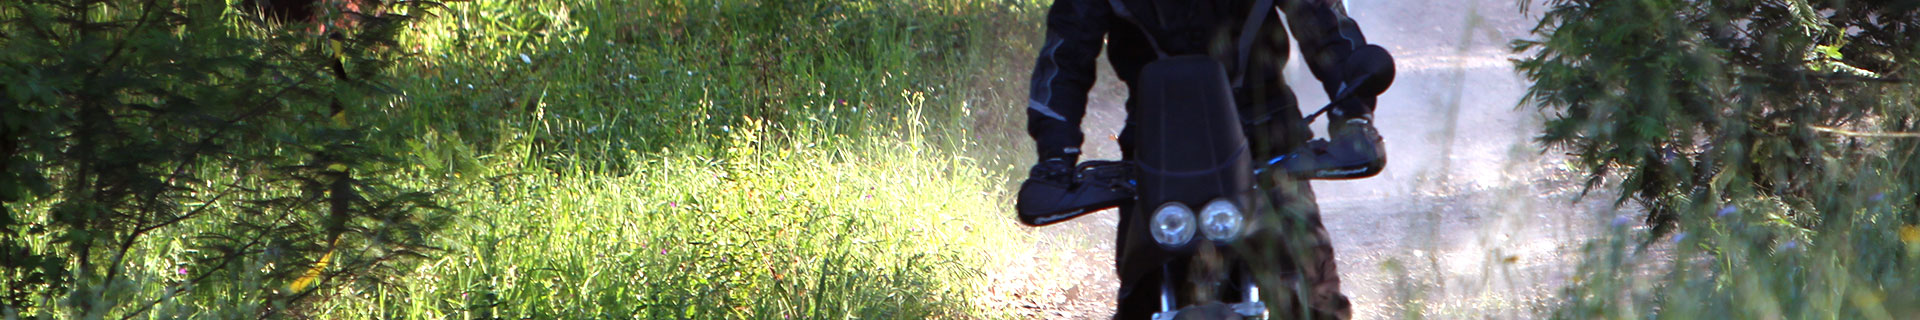 motorradreise-portugal-enduro-offroad-slider-05